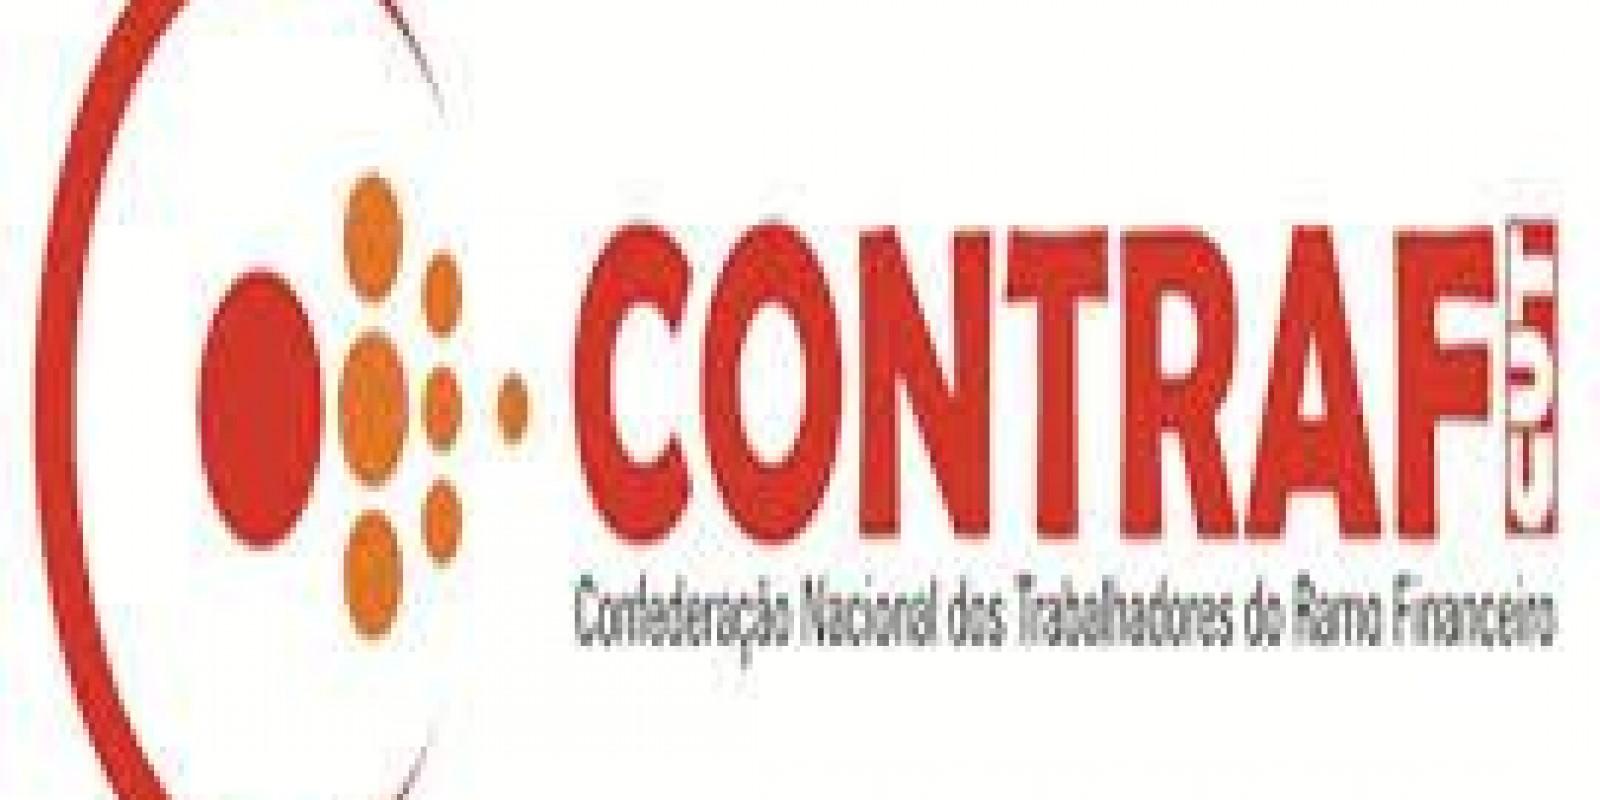 19ª Conferência Interestadual debate rumos para trabalhador enfrentar impactos das reformas